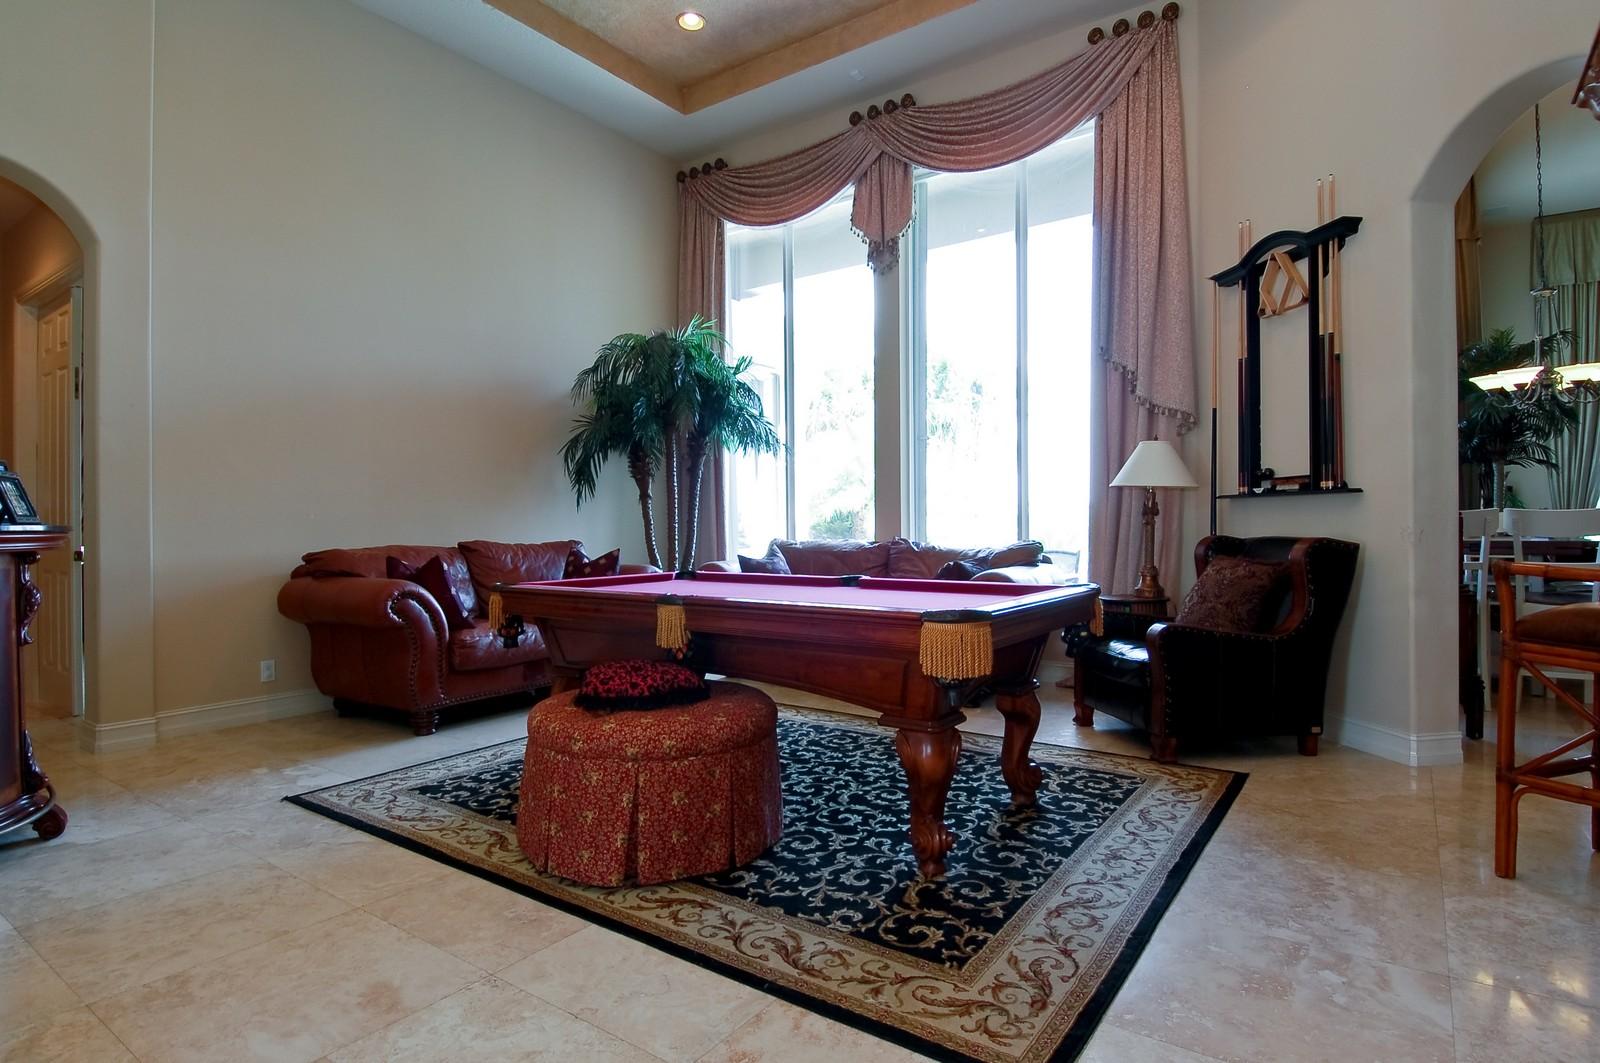 Real Estate Photography - 11687 NW 69th Pl, Parkland, FL, 33076 - acevedoliving.jpeg